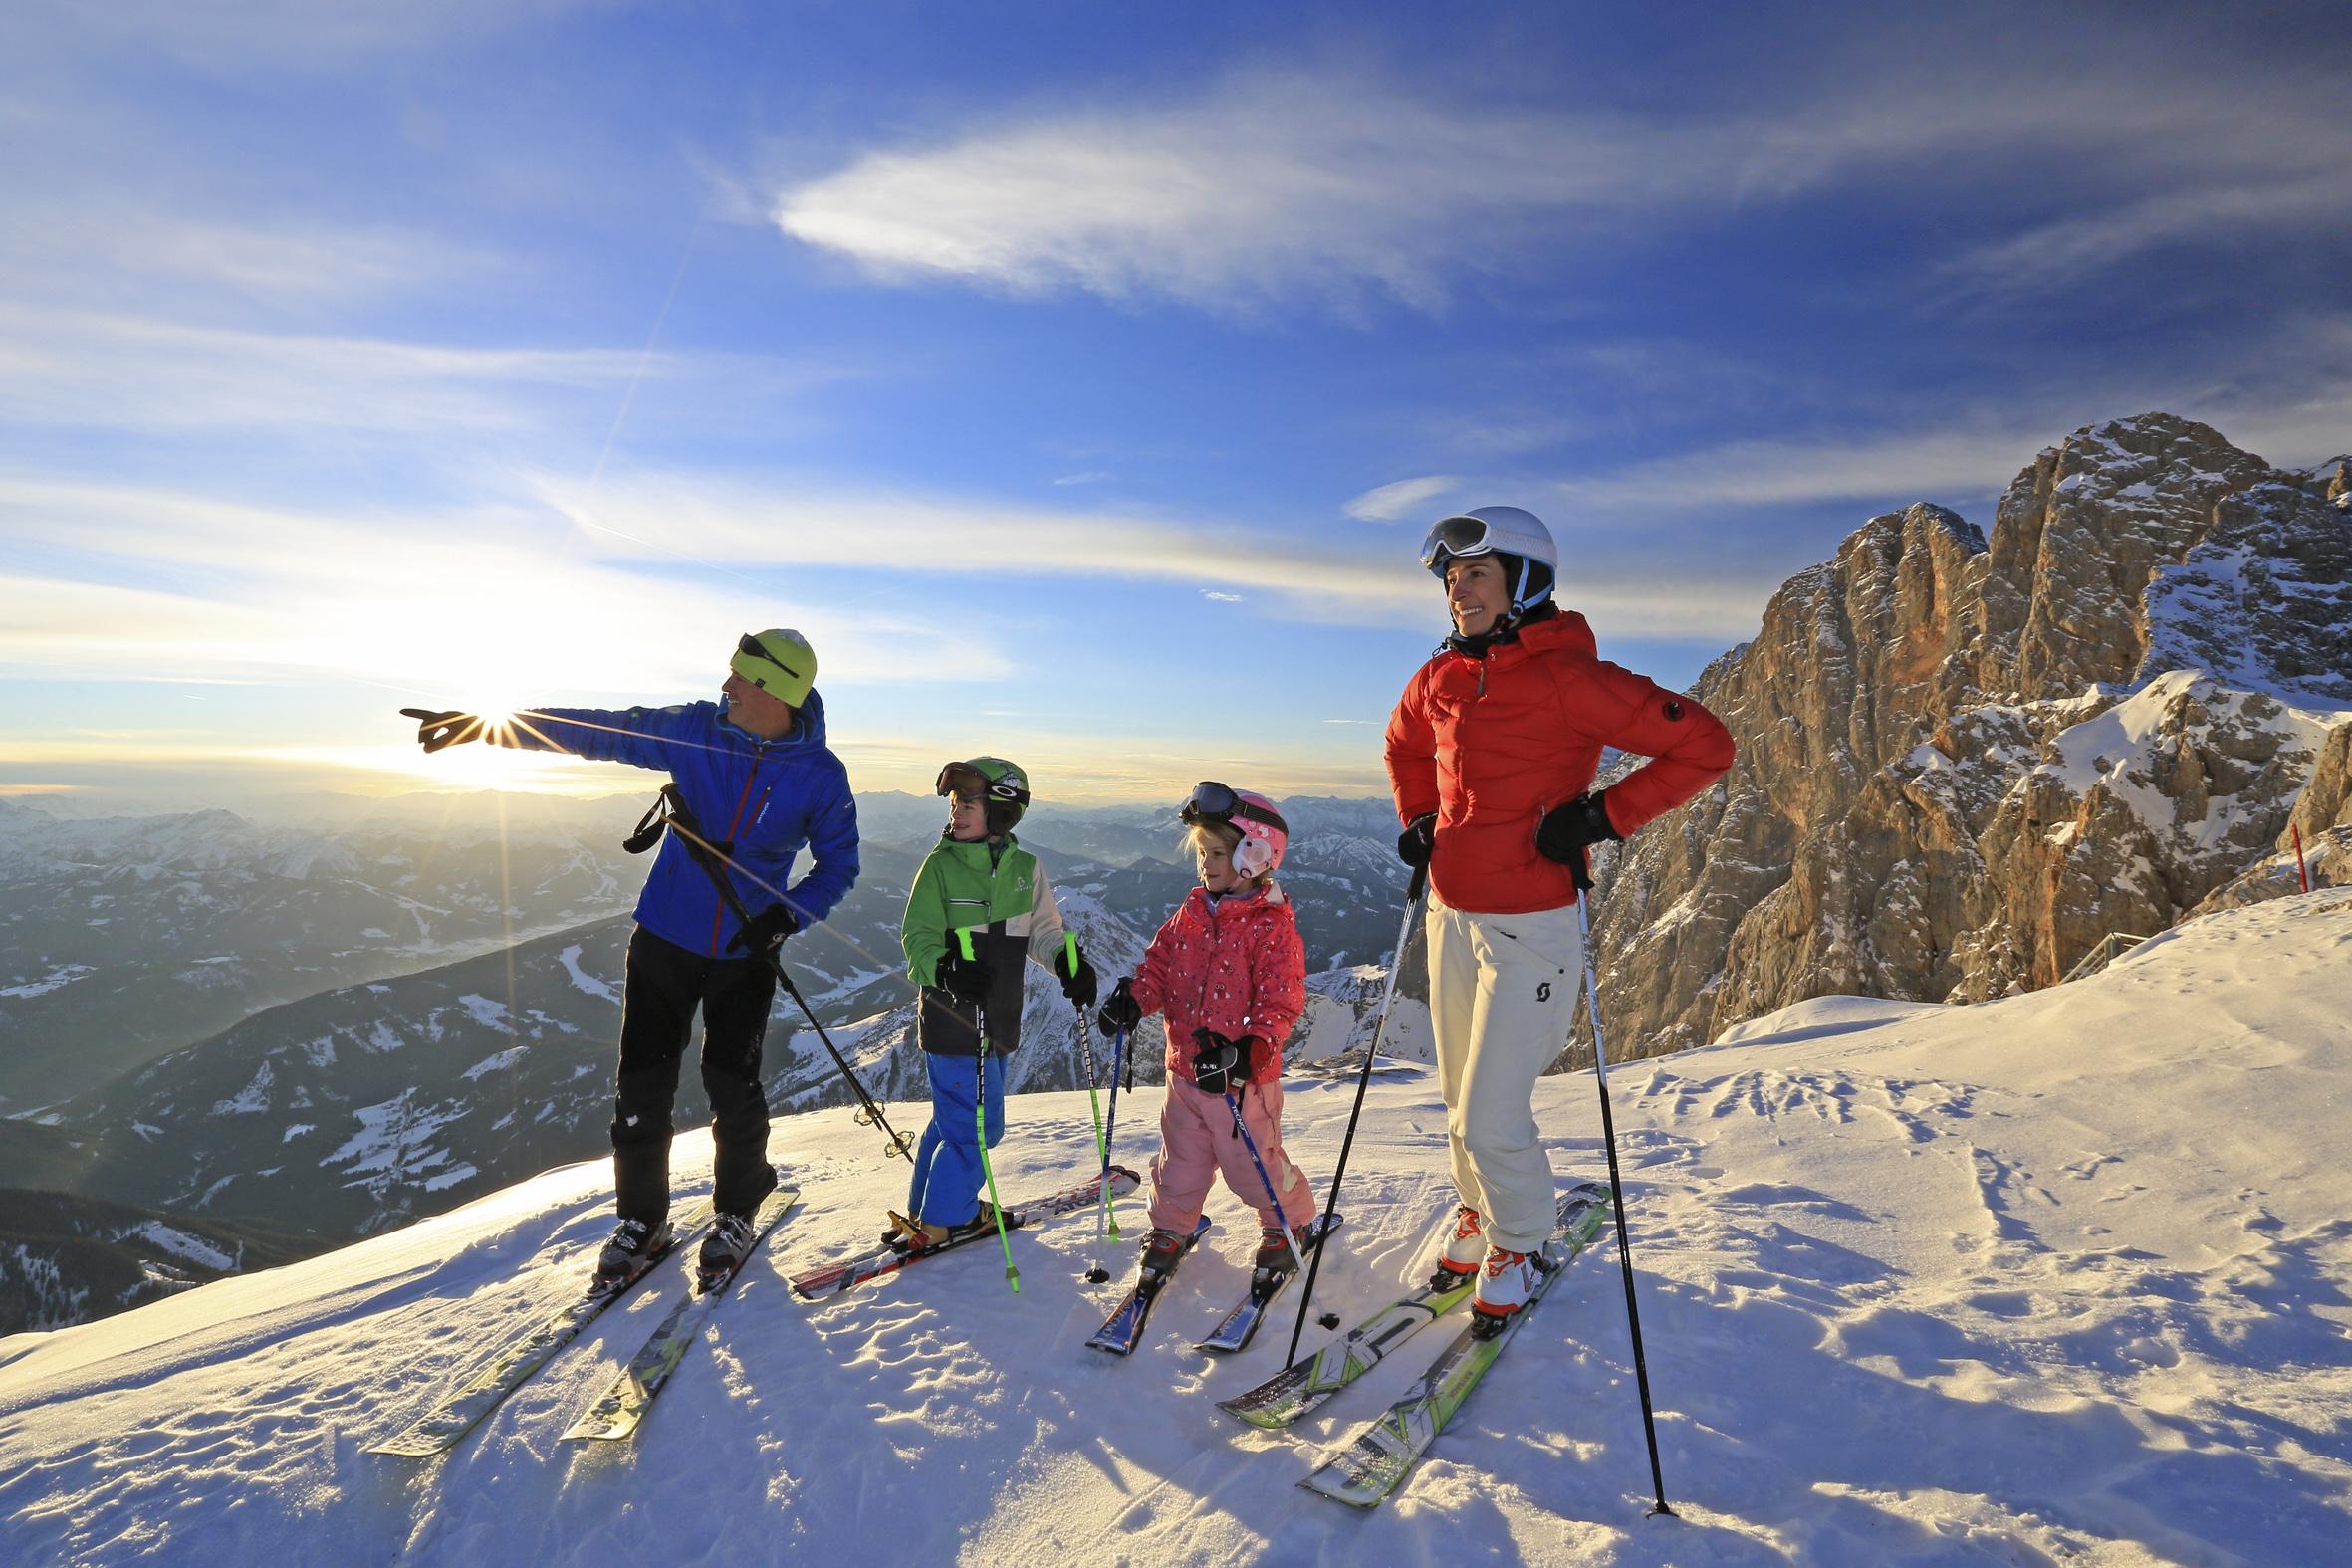 Østrig er blandt danskernes skifavoritter. Foto: Schladming-Dachstein, Dachstein Gletscher, ©Herbert Raffalt.